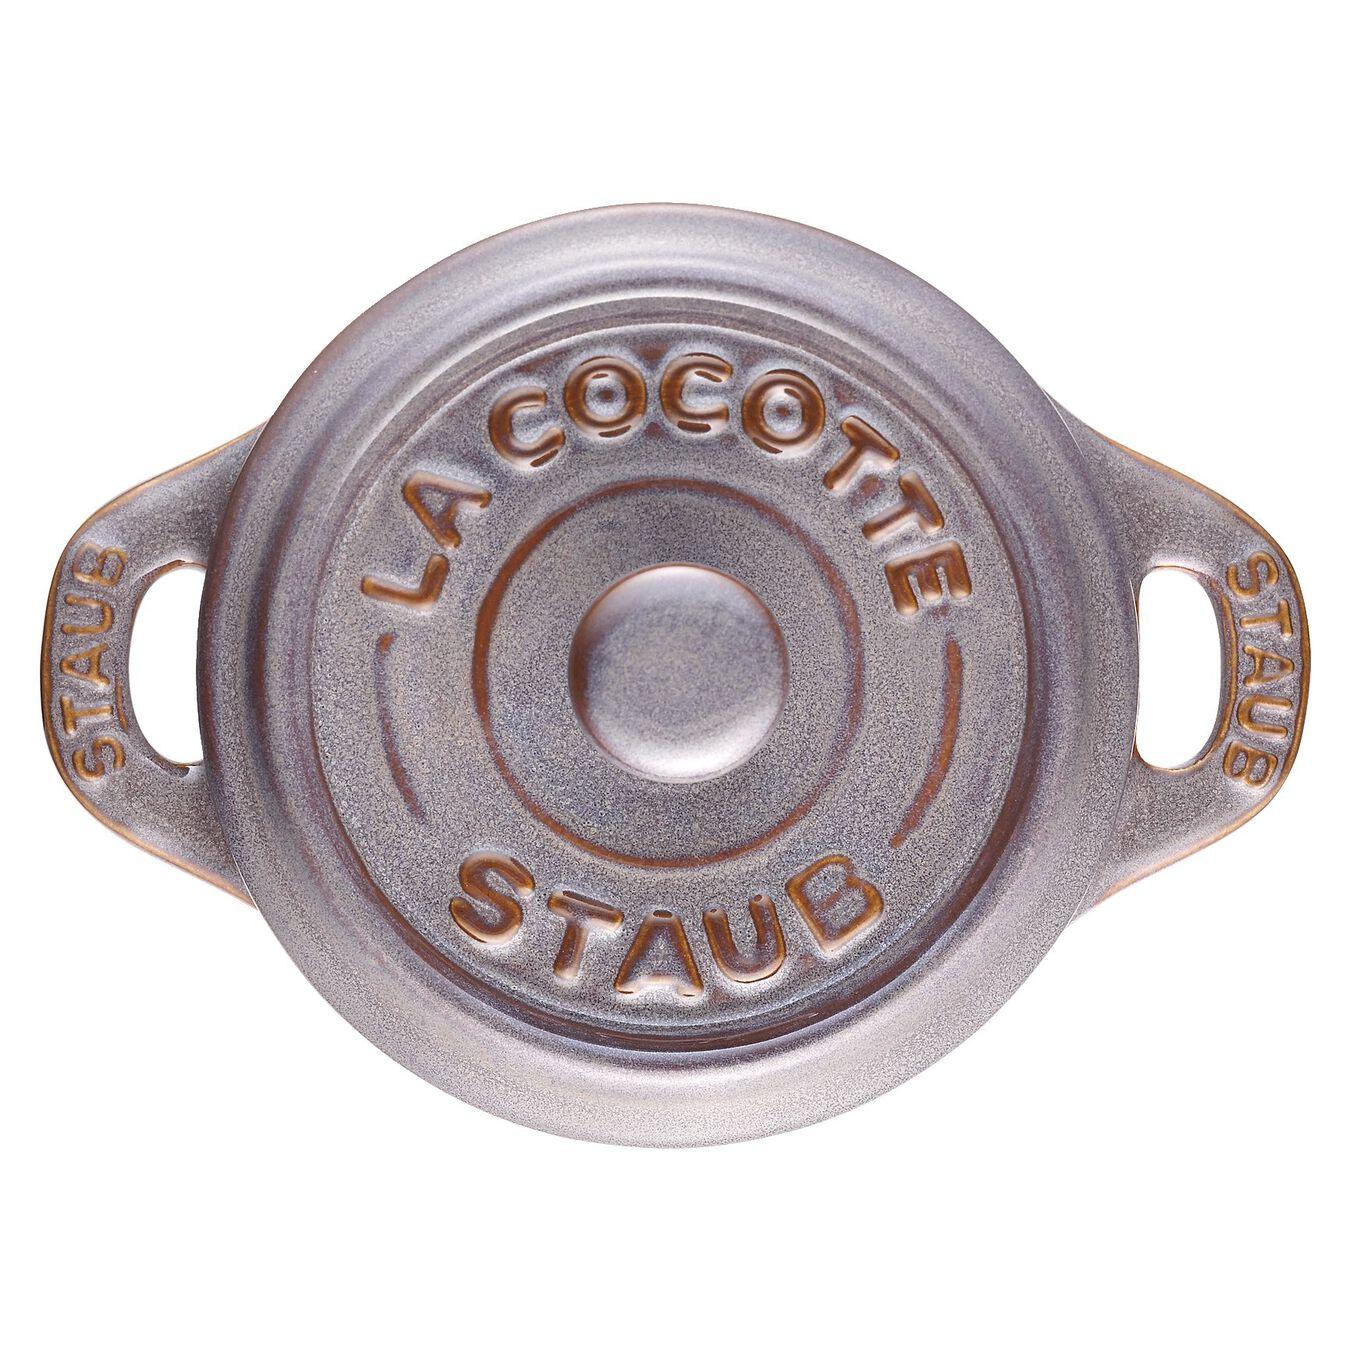 Minigryta 10 cm, Rund, Antik grå, Keramiskt,,large 4